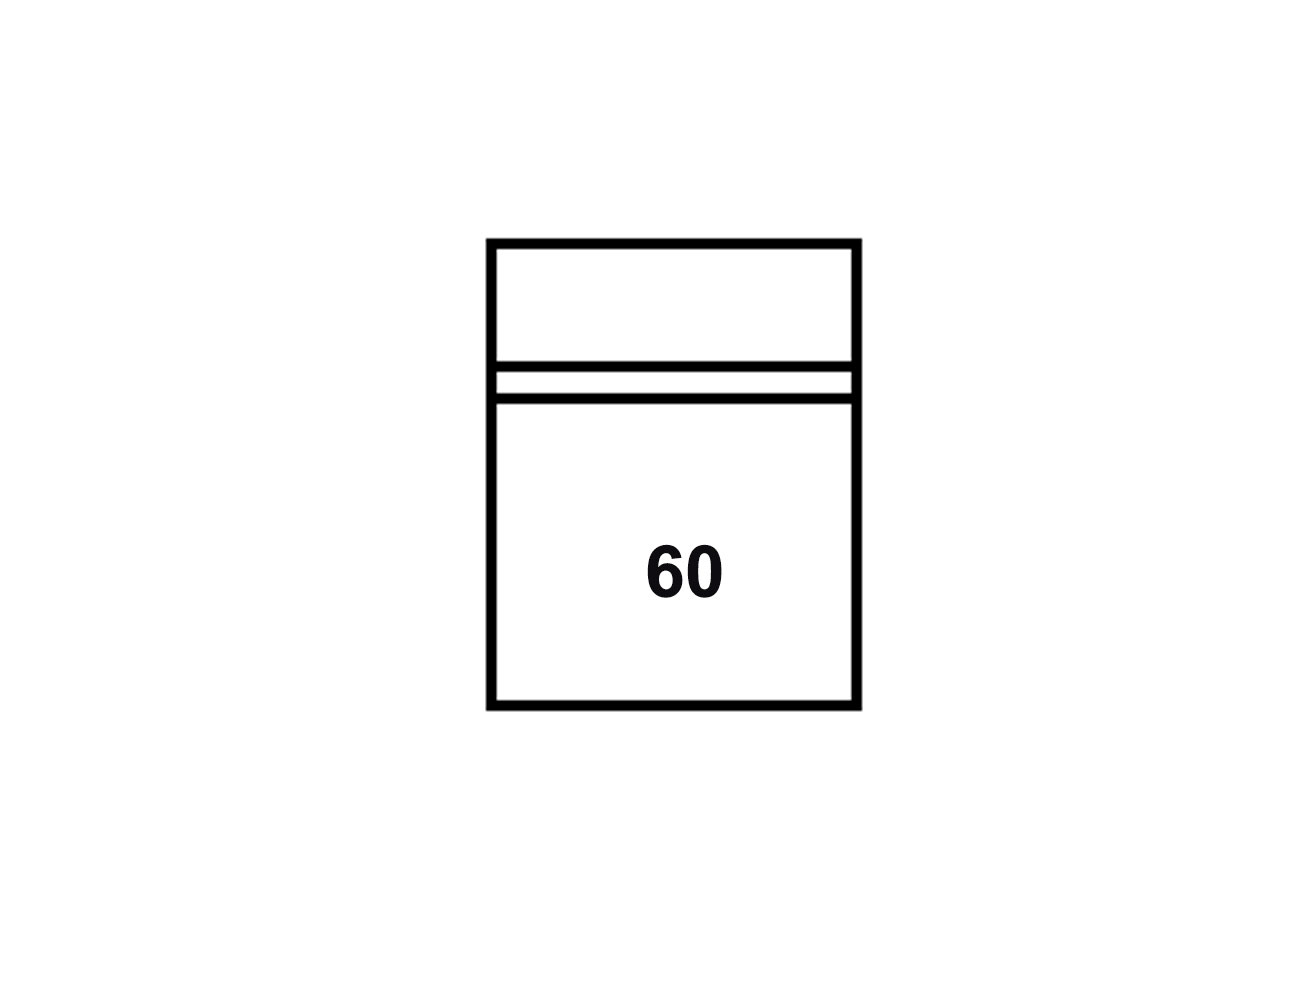 Modulo 1p 602